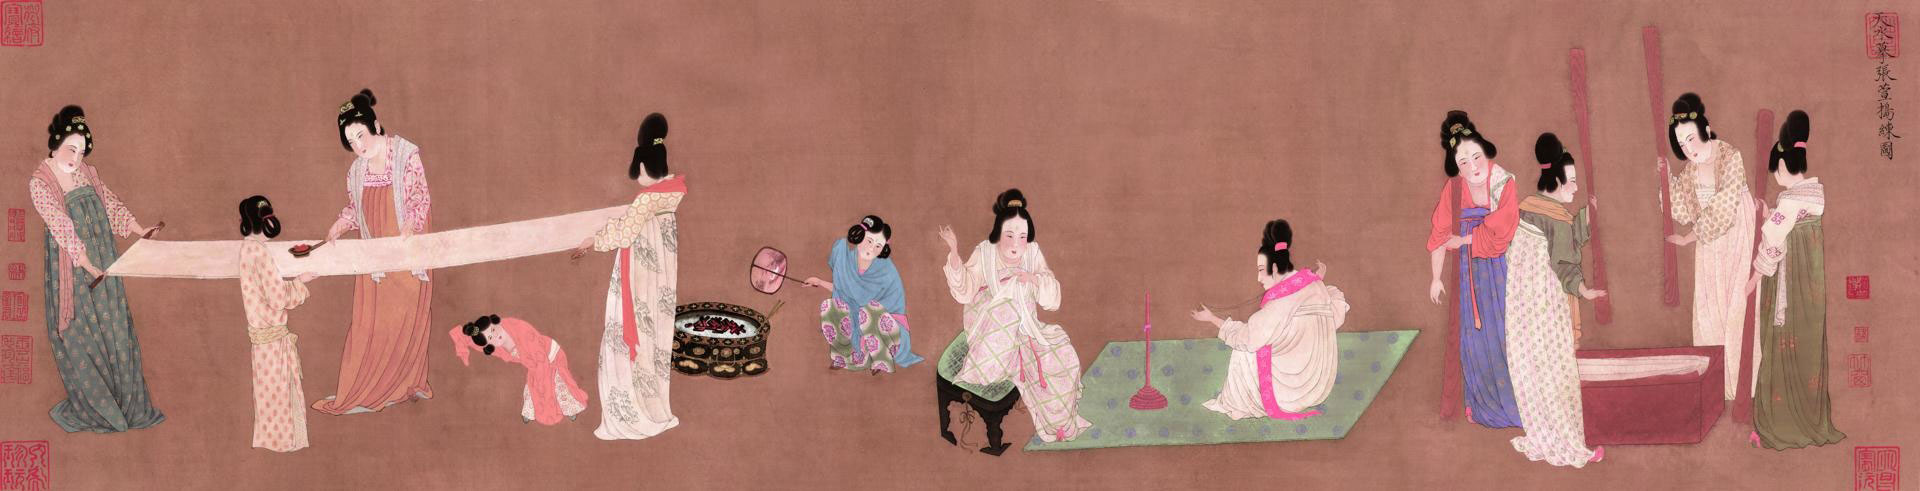 新中式古代国画名画五联画调色版TIF